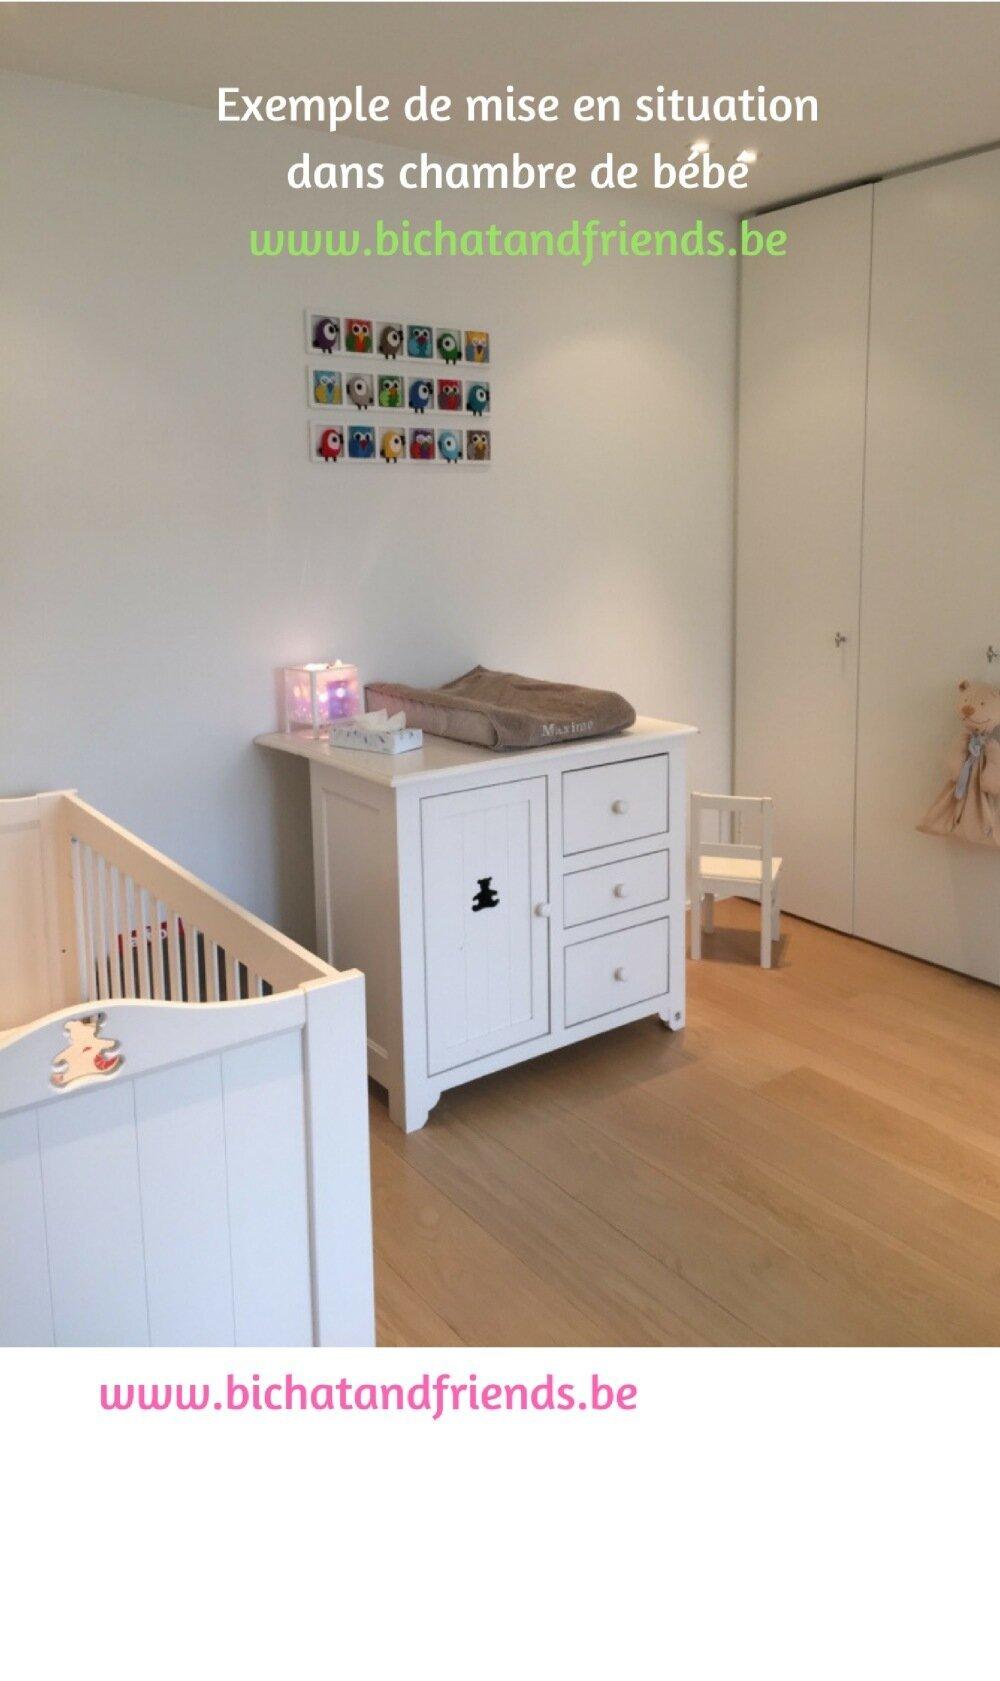 Décoration chambre enfant et bébé originale.theme les sirenes et la mer.